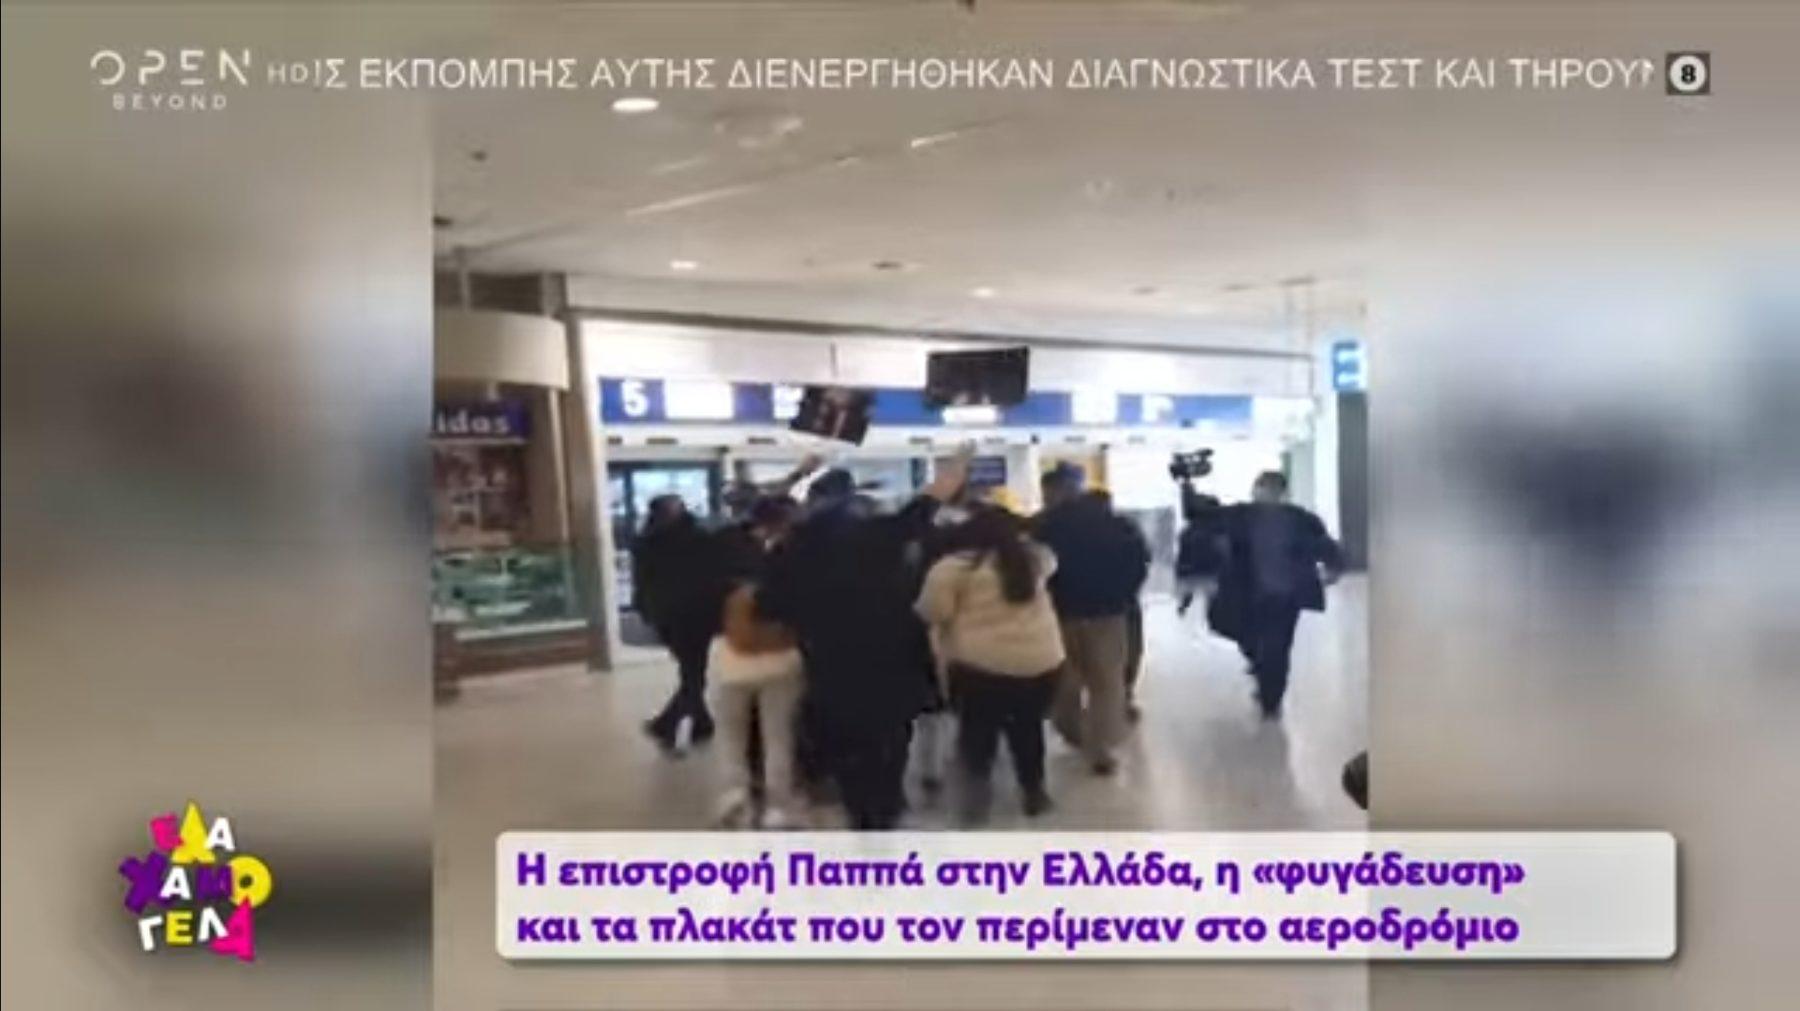 Αλέξης Παππάς: Οι πρώτες εικόνες από το αεροδρόμιο! Η φυγάδευση του και το ντου των δημοσιογράφων